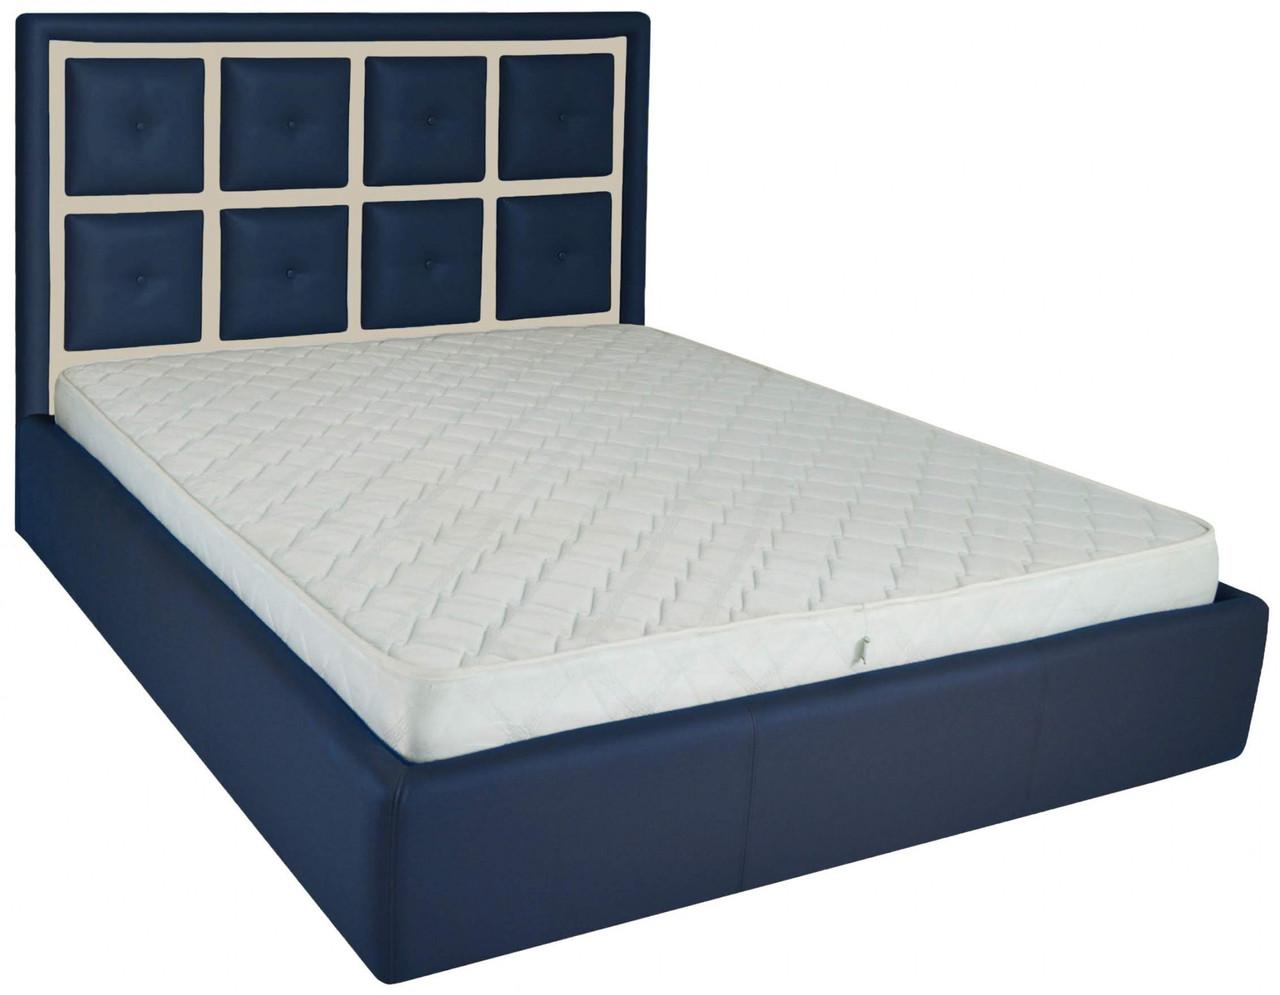 Кровать Двуспальная Richman Виндзор 160 х 200 см Флай 2227/2207 С подъемным механизмом и нишей для белья